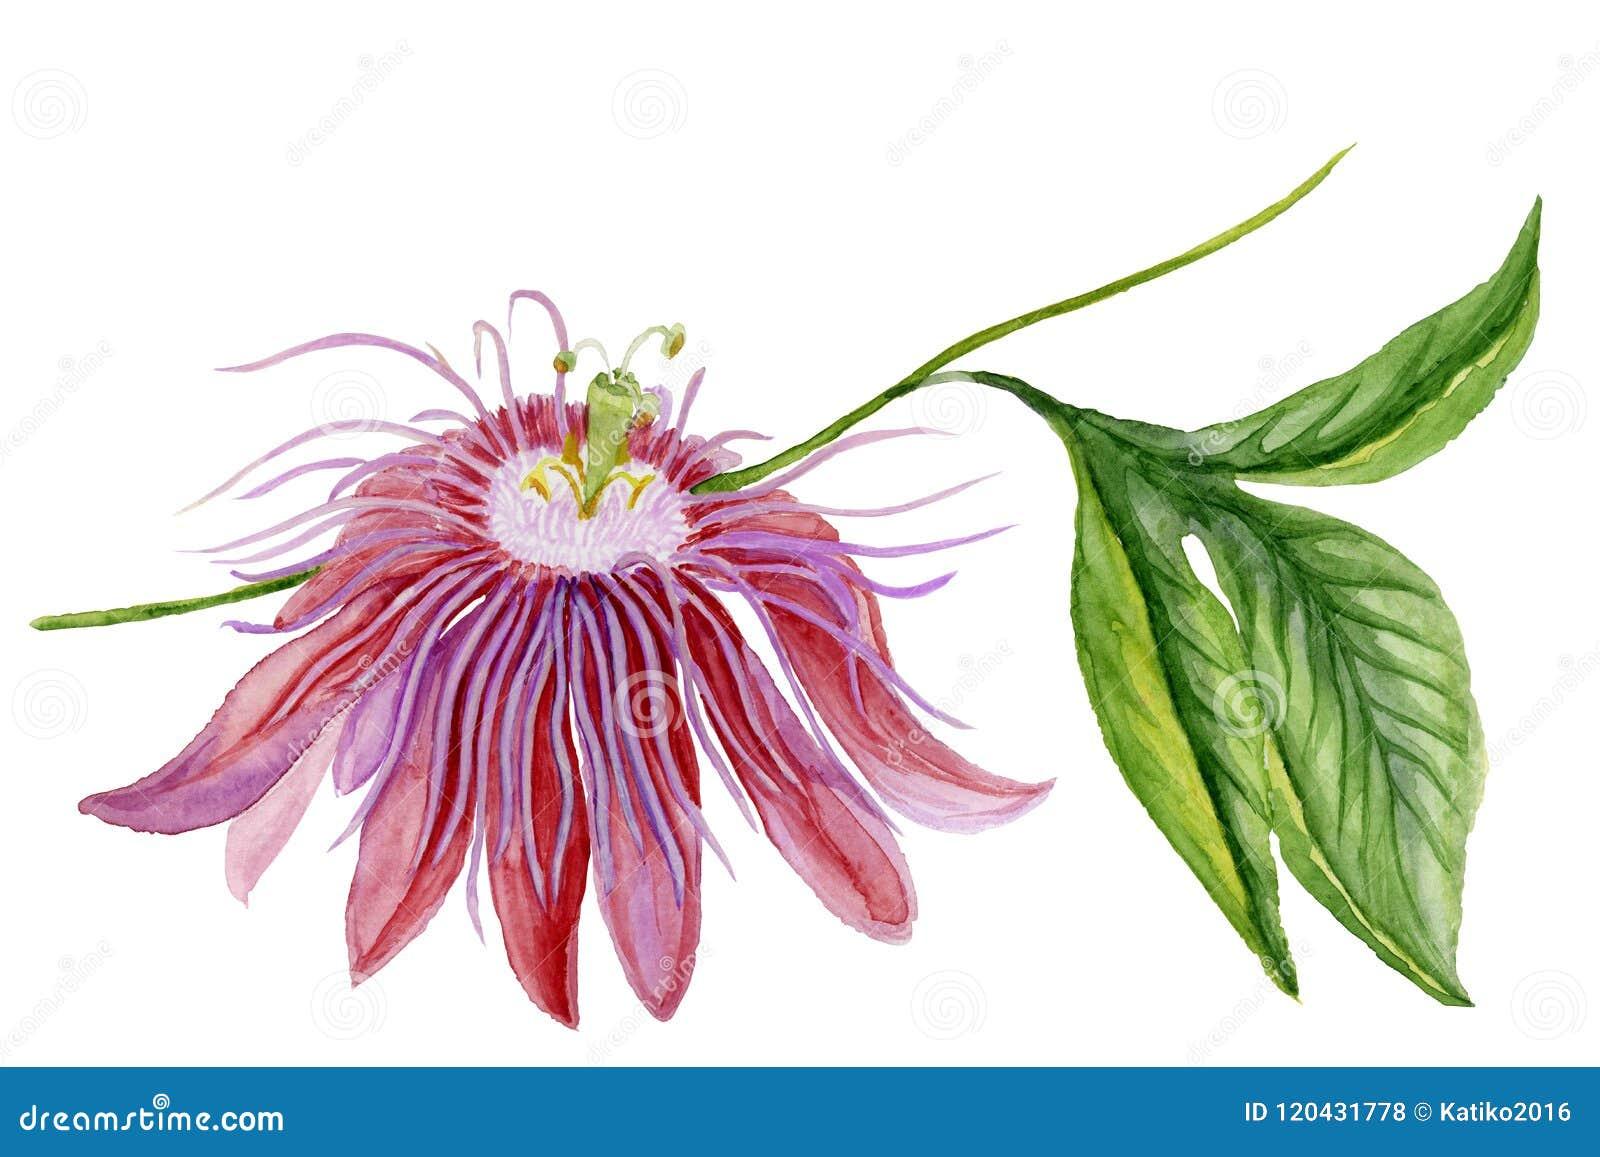 在一根枝杈的美丽的五颜六色的西番莲激情花有绿色叶子的 背景查出的白色 多孔黏土更正高绘画photoshop非常质量扫描水彩